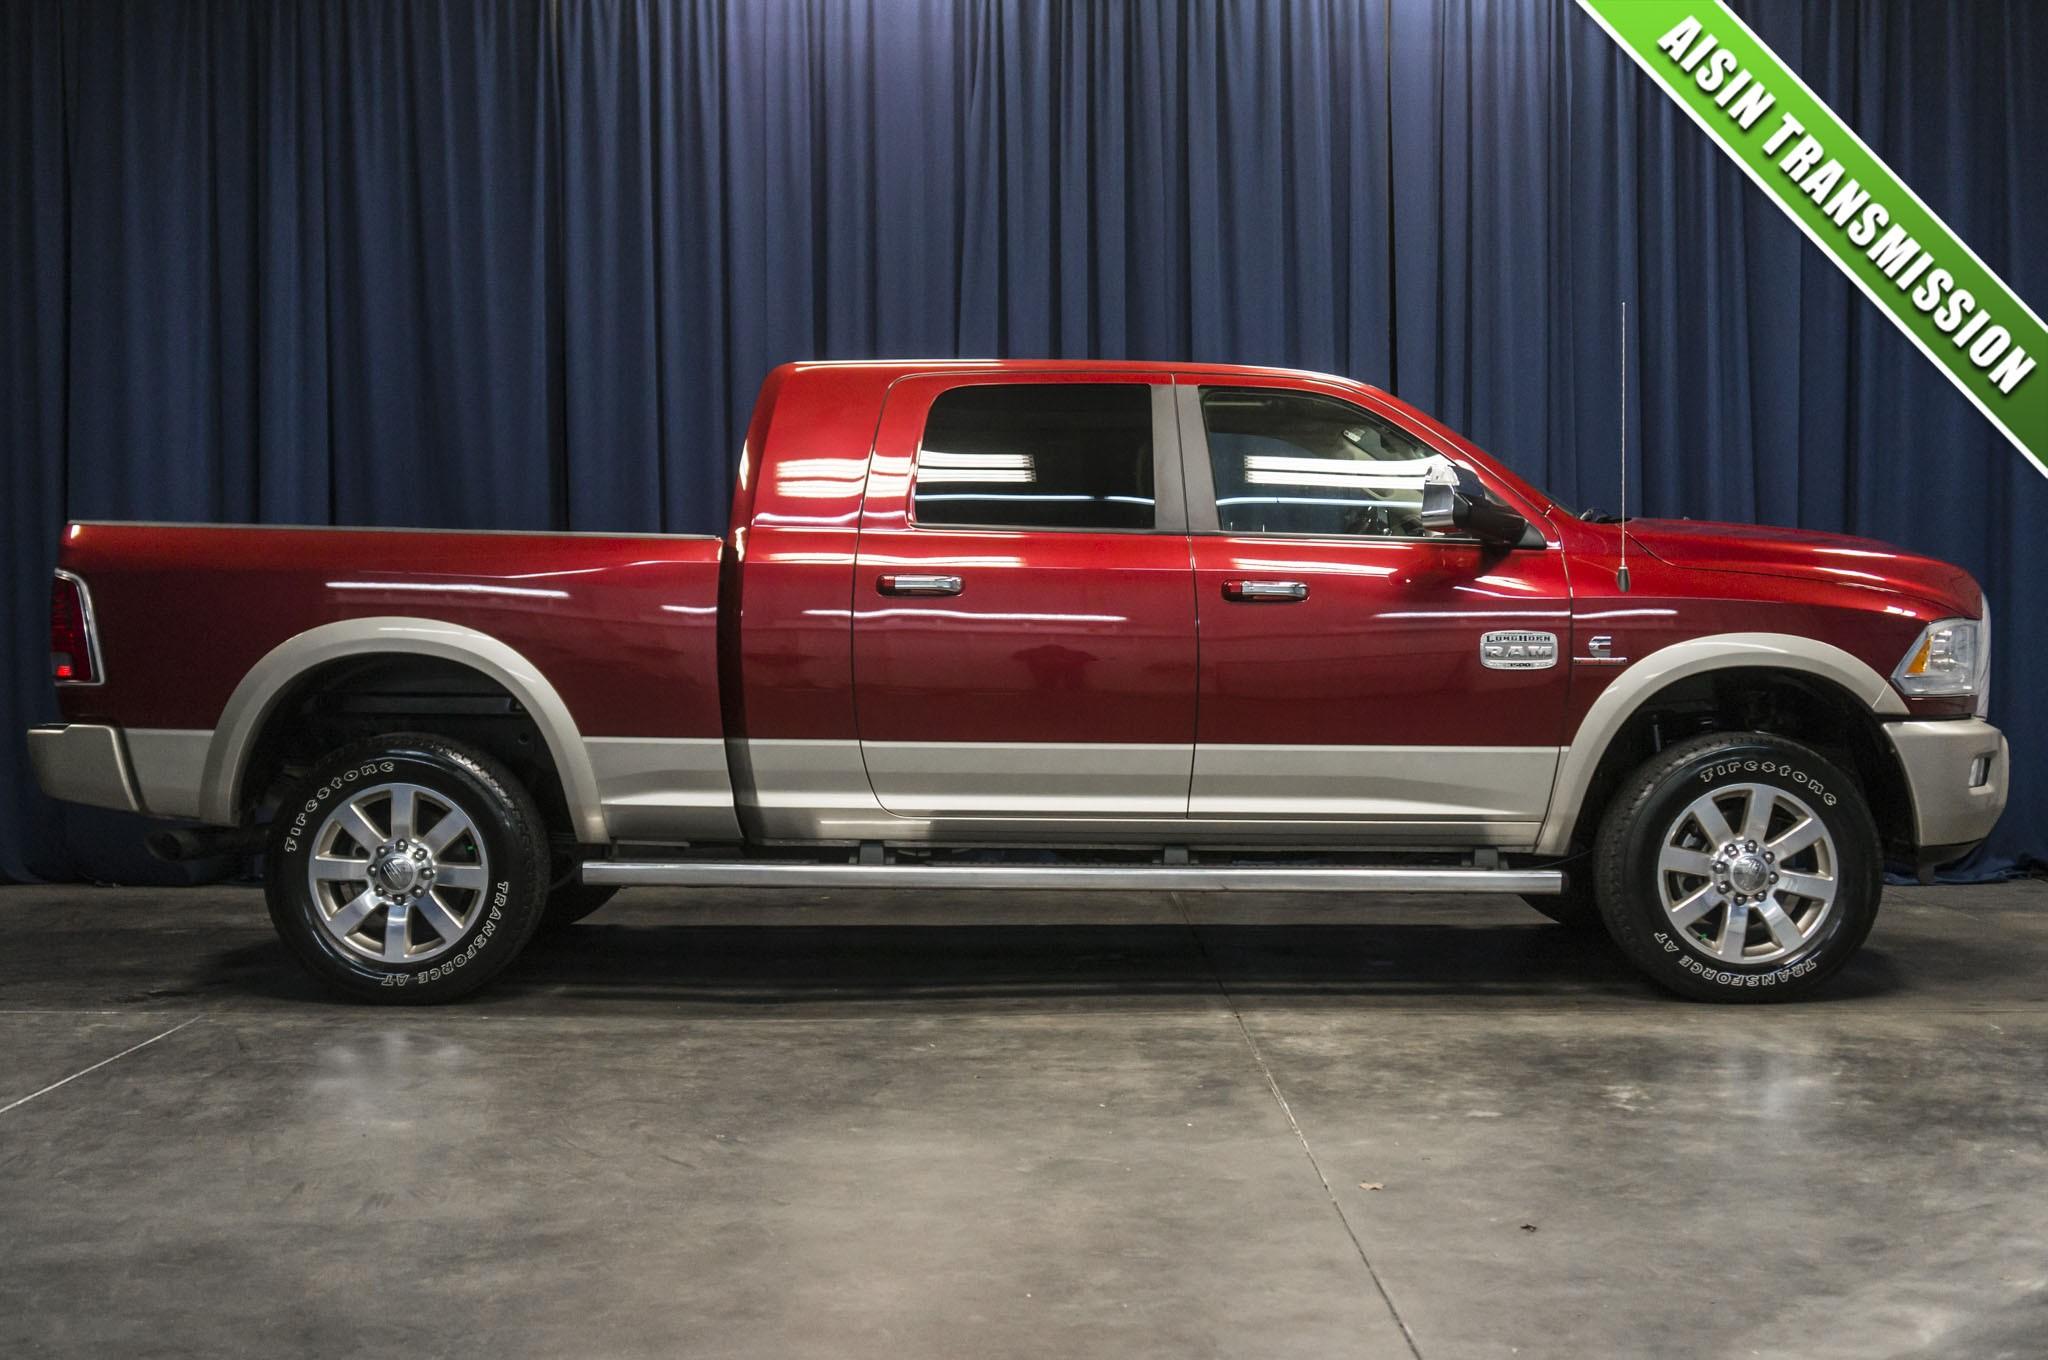 used 2014 dodge ram 3500 longhorn 4x4 diesel truck for sale 37843. Black Bedroom Furniture Sets. Home Design Ideas